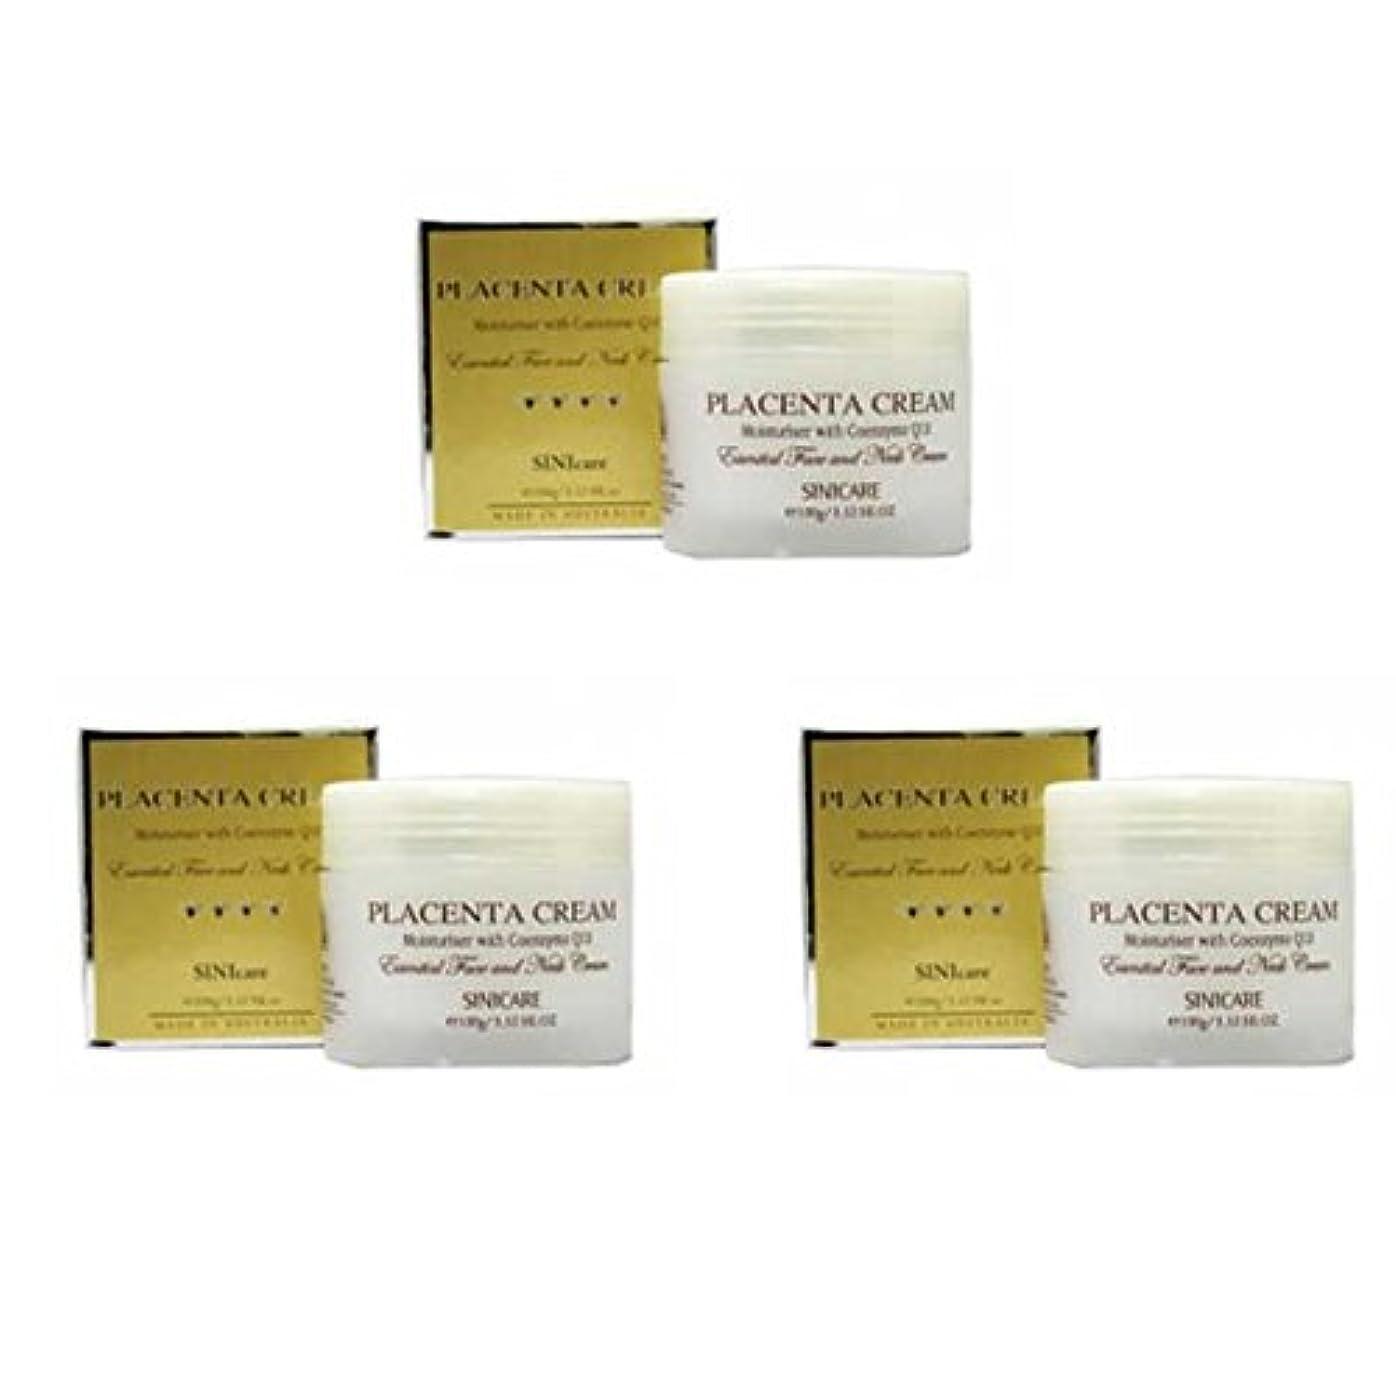 順番すり不毛の[Sini Care]Q10配合 プラセンタクリーム(Placenta Cream with Q10)100g ×3個セット[海外直送品]